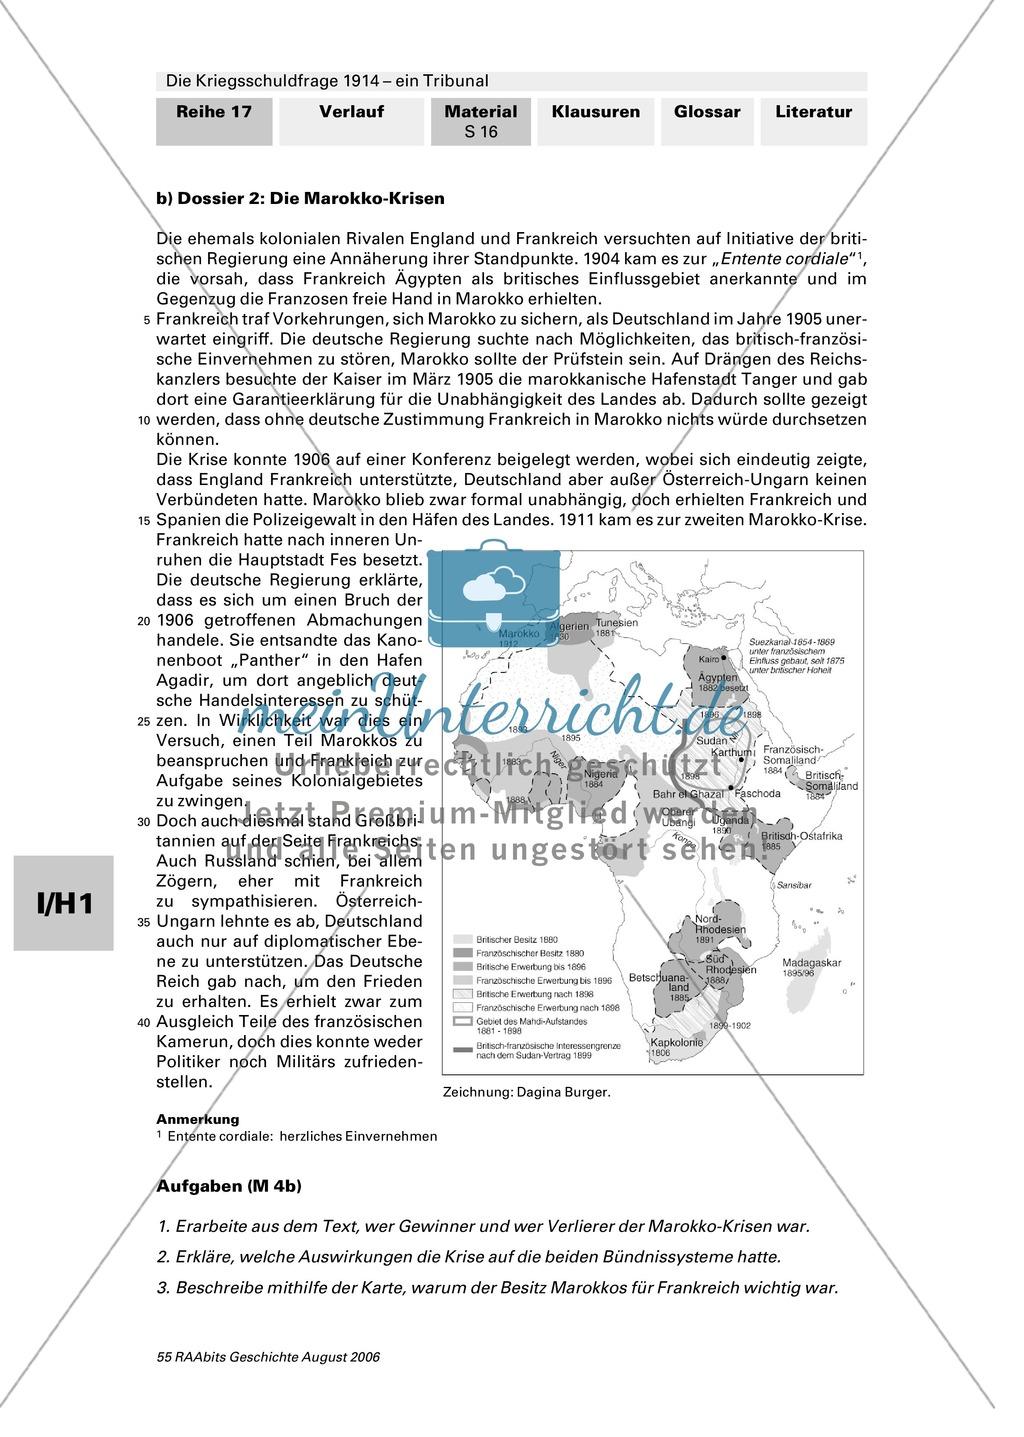 Die Kriegsschuldfrage 1914 - ein Tribunal: Vorbereitung des Rollenspiels mithilfe von Quellen (Depeschen, Telegramme, Dossiers) + Einbettung in den historischen Kontext Preview 11